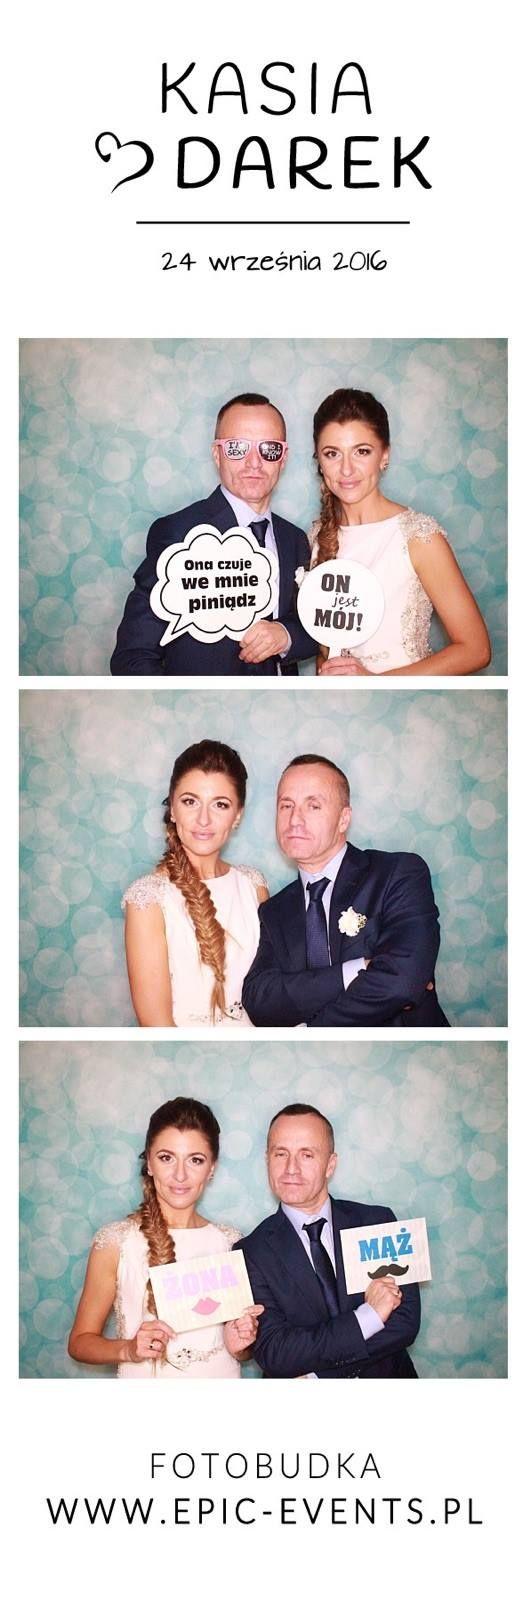 Sobotnie szaleństwo na weselu Kasi i Darka !  #fotobudka #photobooth #smile #fun #zdjęcie #wesele #skybar #katowice #atrakcjanawesele  www.epic-events.pl